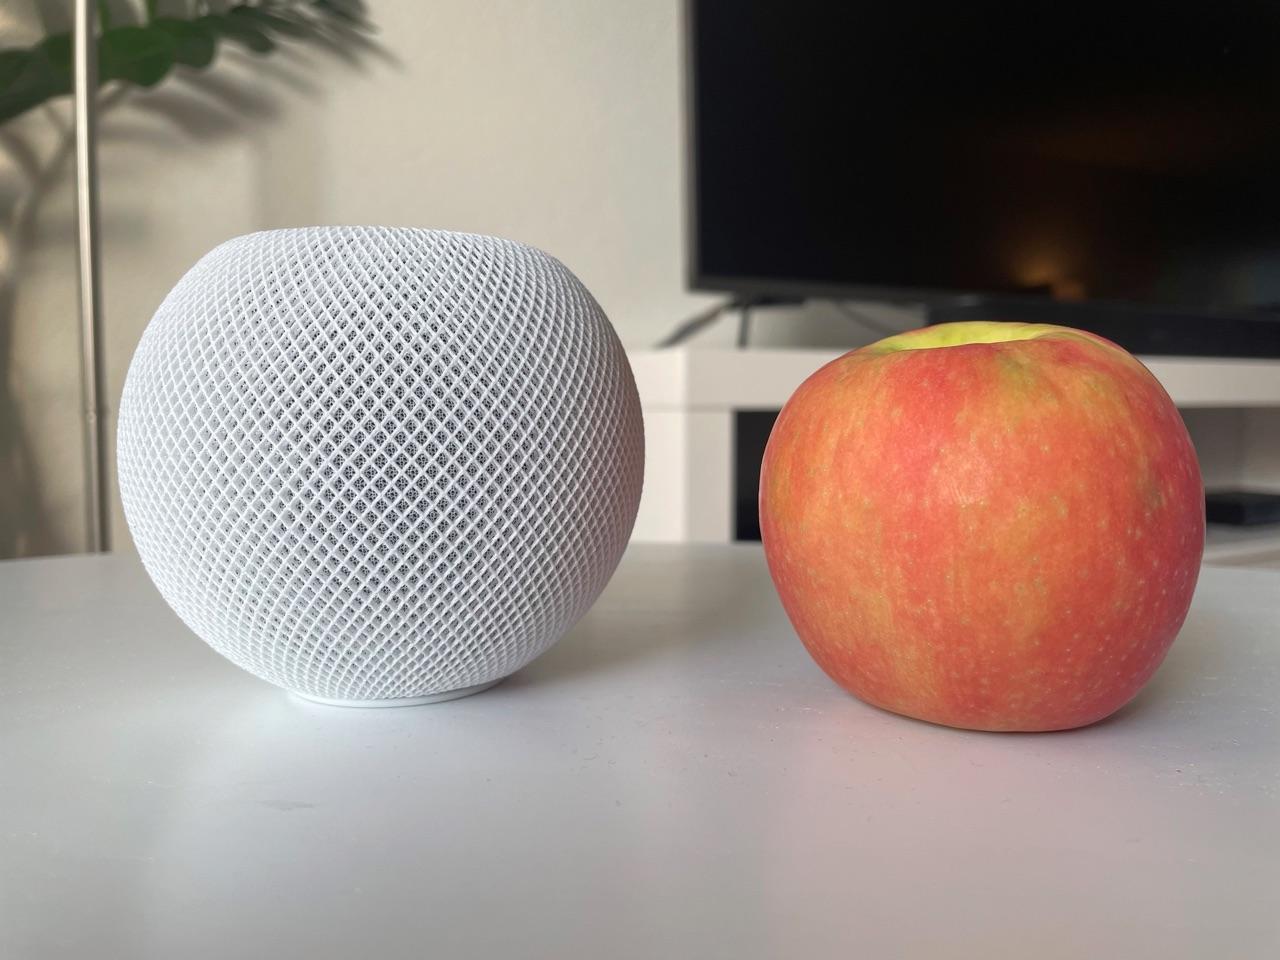 HomePod mini review: formaat vergeleken met appel.